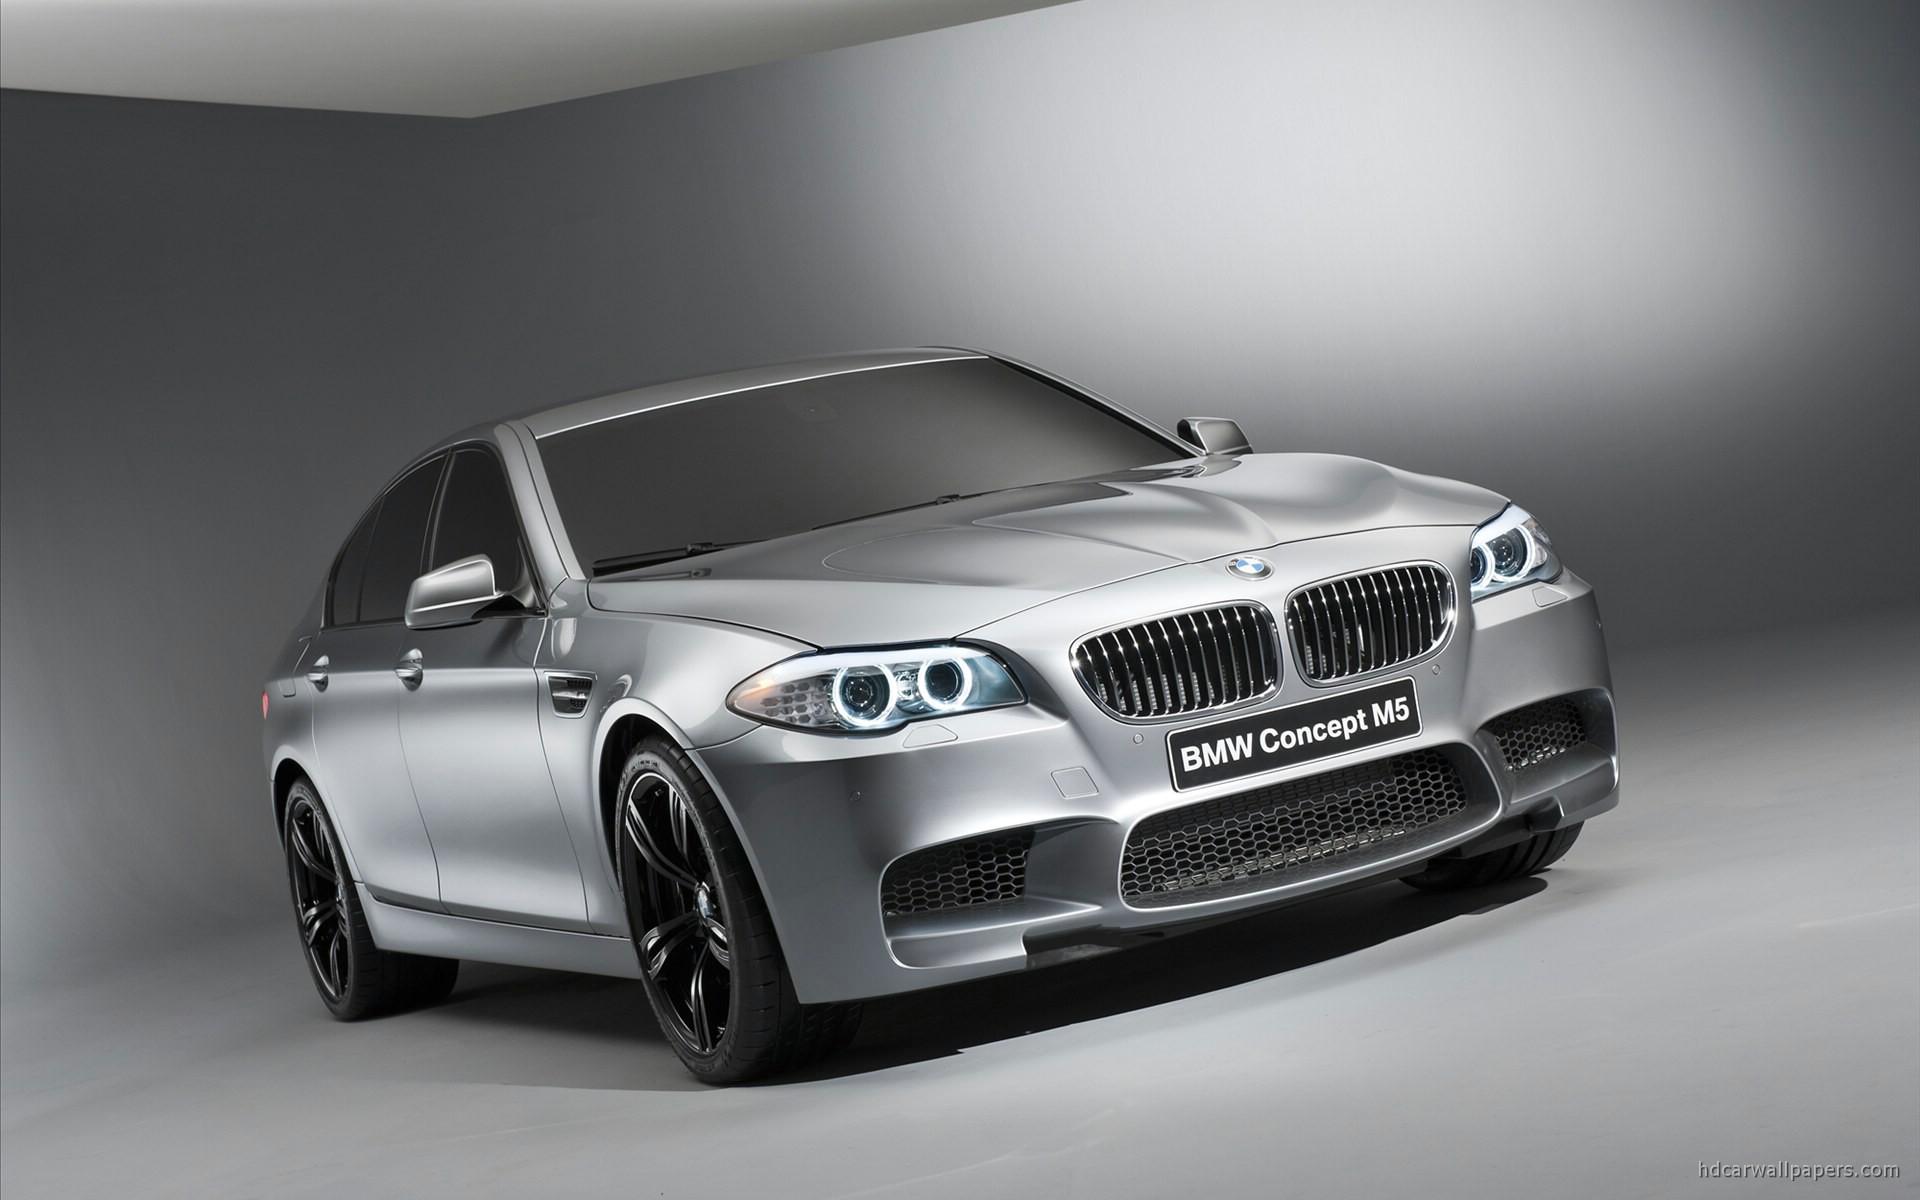 2011 BMW M5 Concept Car Wallpaper | HD Car Wallpapers | ID ...